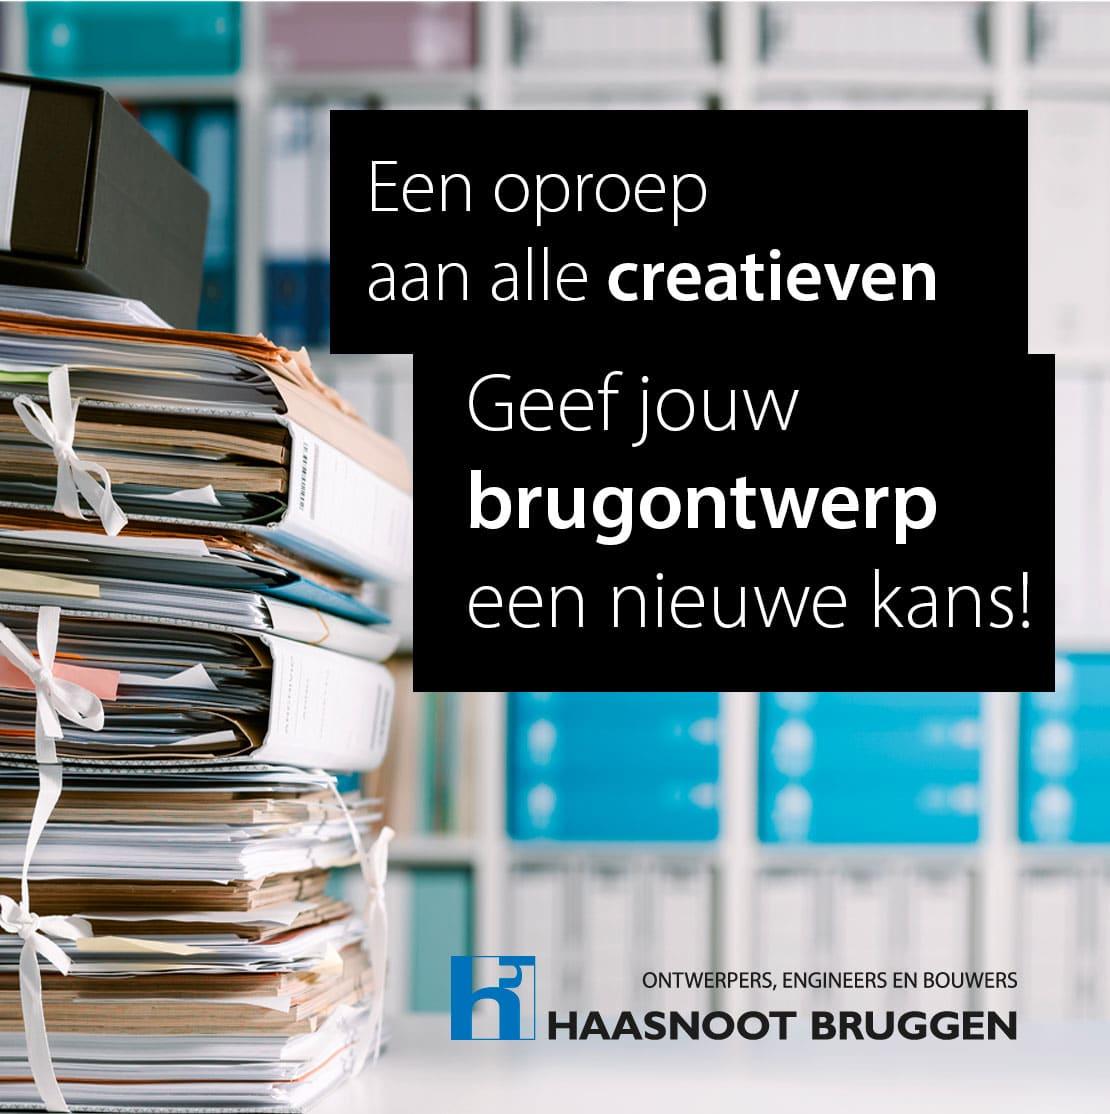 Nieuwe-kans bruggen ontwerp Haasnoot Bruggen